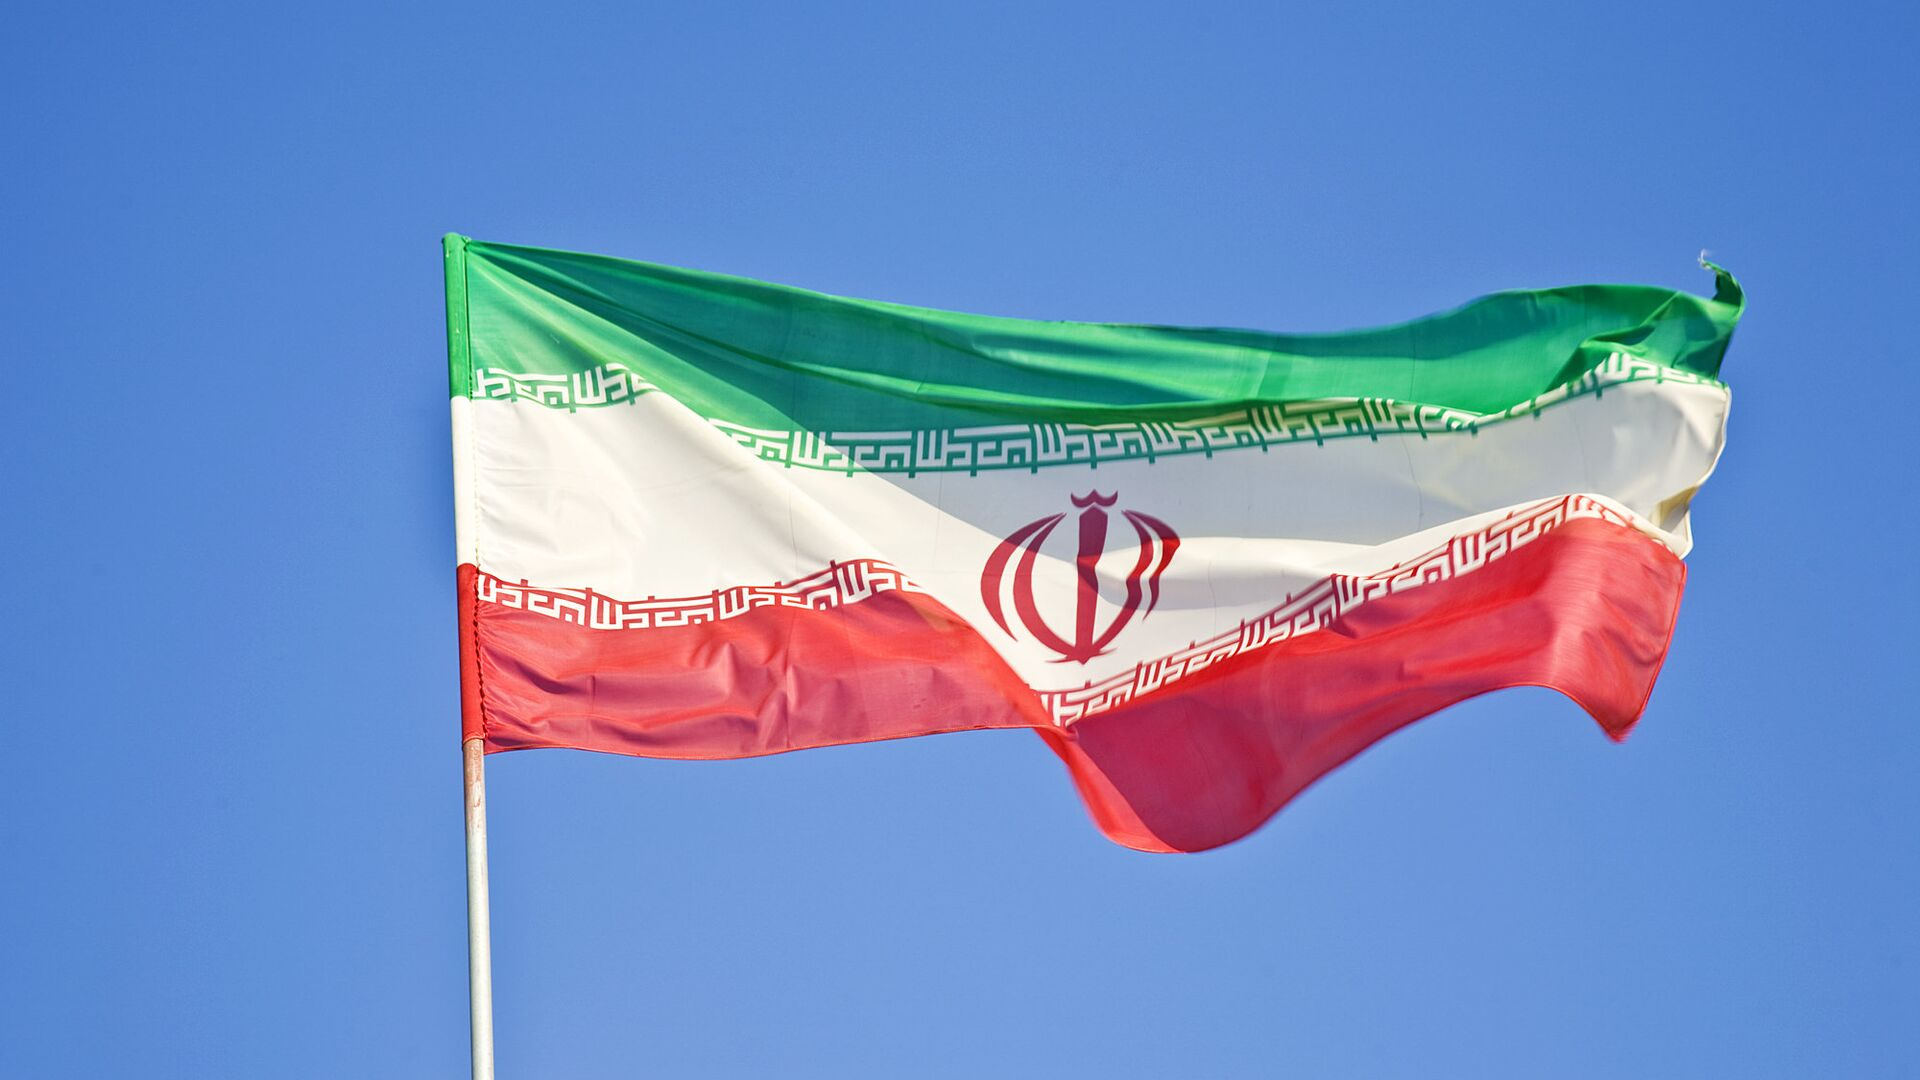 """916272978 0:161:2000:1286 1920x0 80 0 0 b5f8549bf0888a6bef807f8791b8affe - В Иране пообещали отомстить Израилю за """"атаку"""" на ядерный объект"""